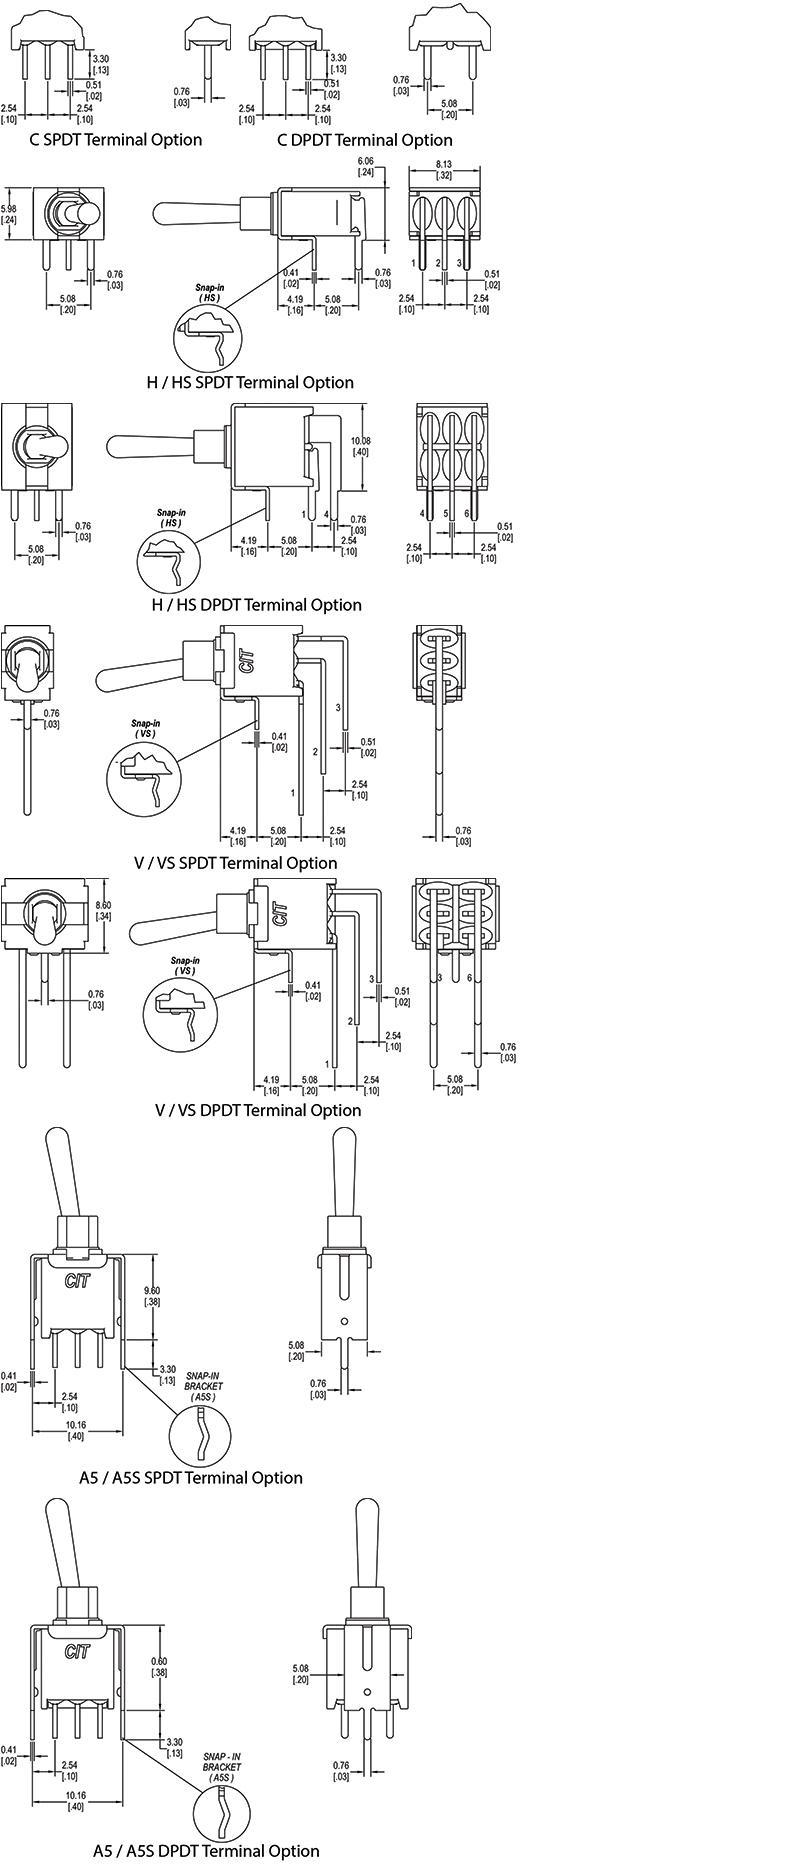 24v 12v Dpdt Switch Wiring Diagram 12V And 24V Battery